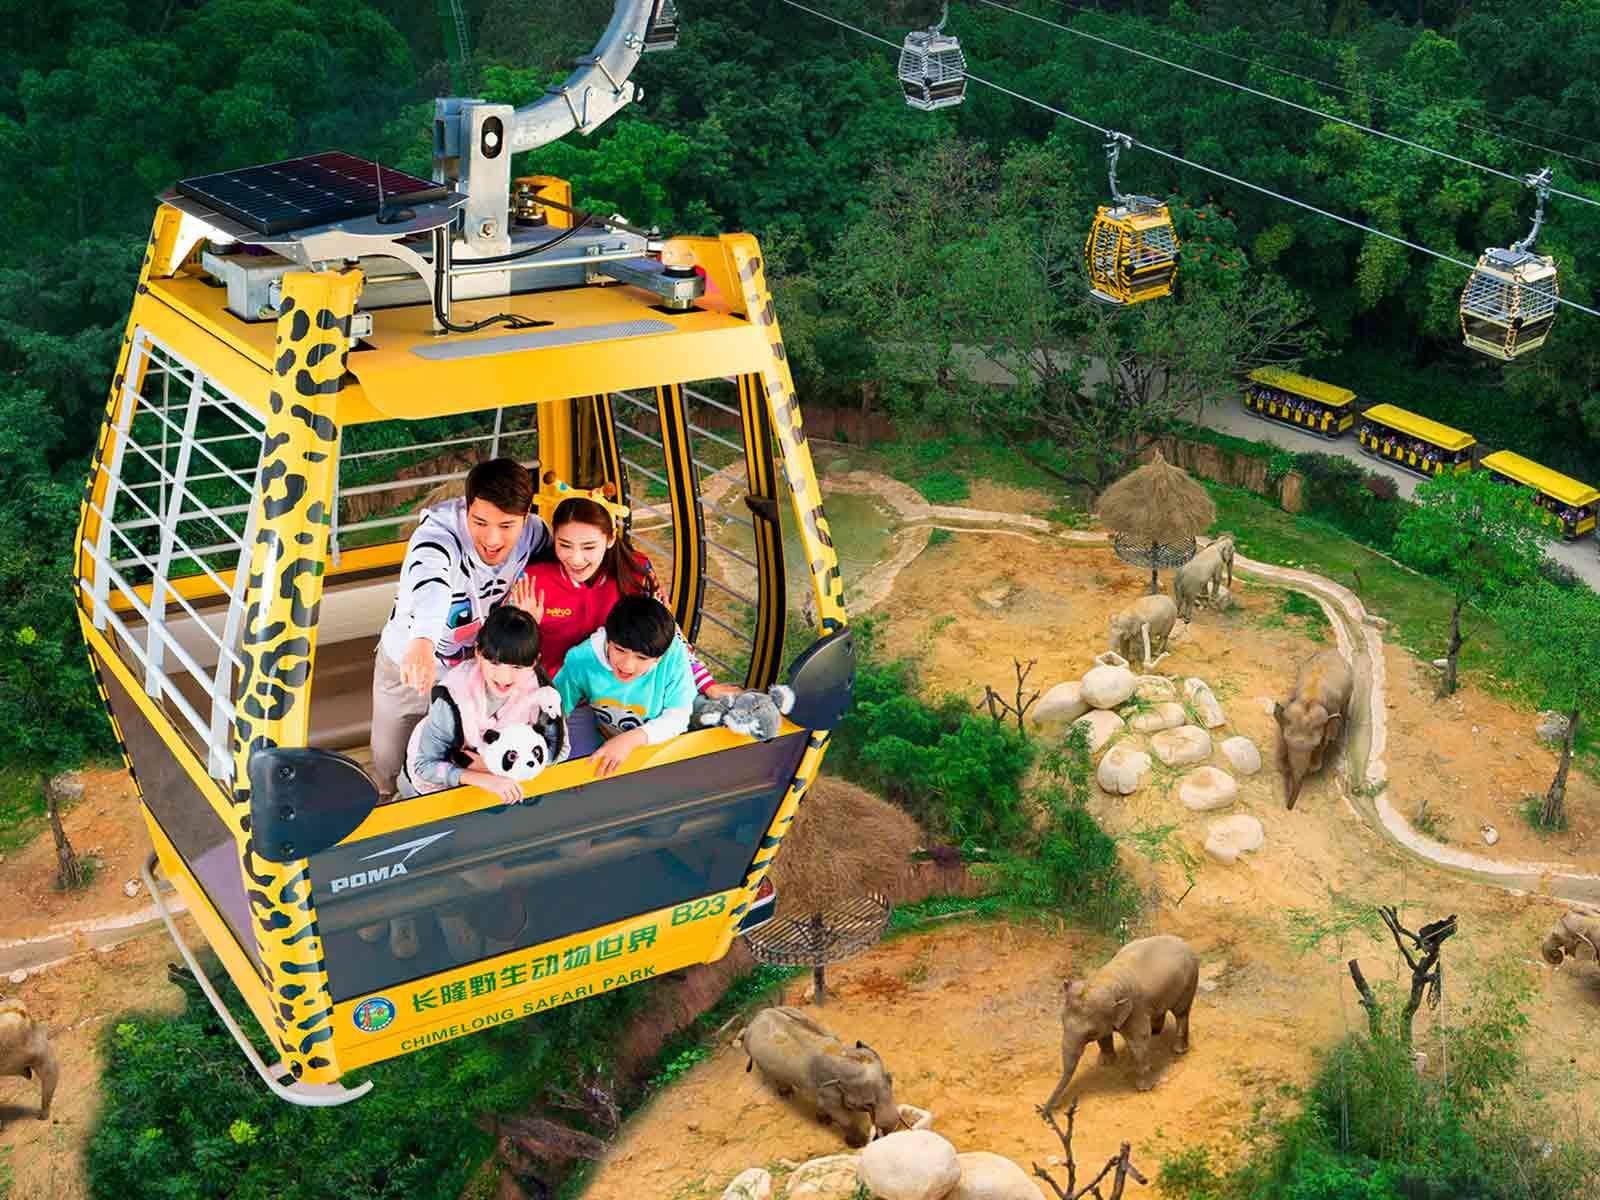 盘点!来广东非去不可的8个好玩的地方,你去过几个?